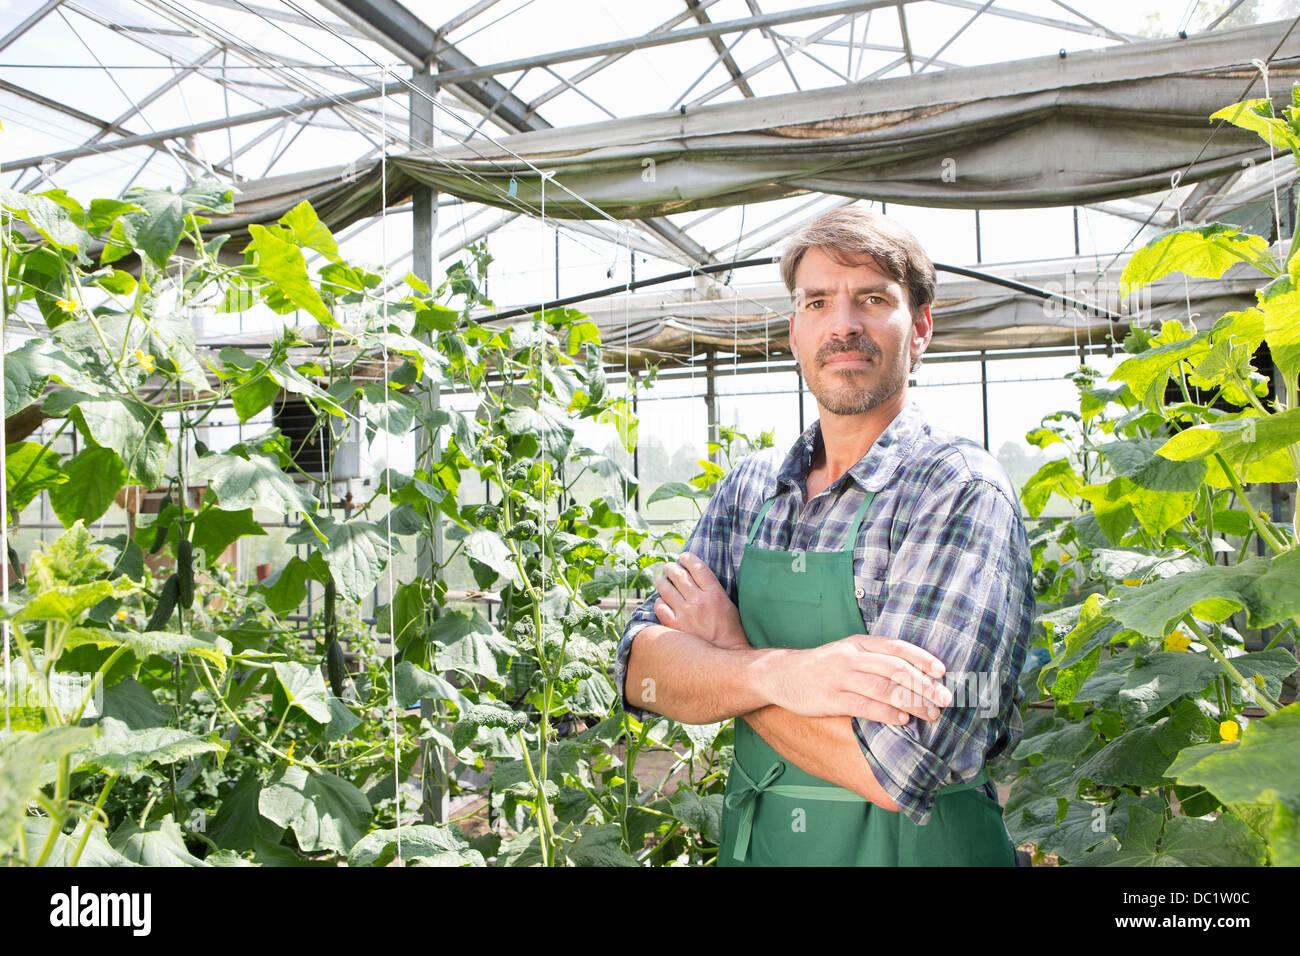 Retrato de agricultor orgánico junto a las plantas de pepino en polytunnel Imagen De Stock